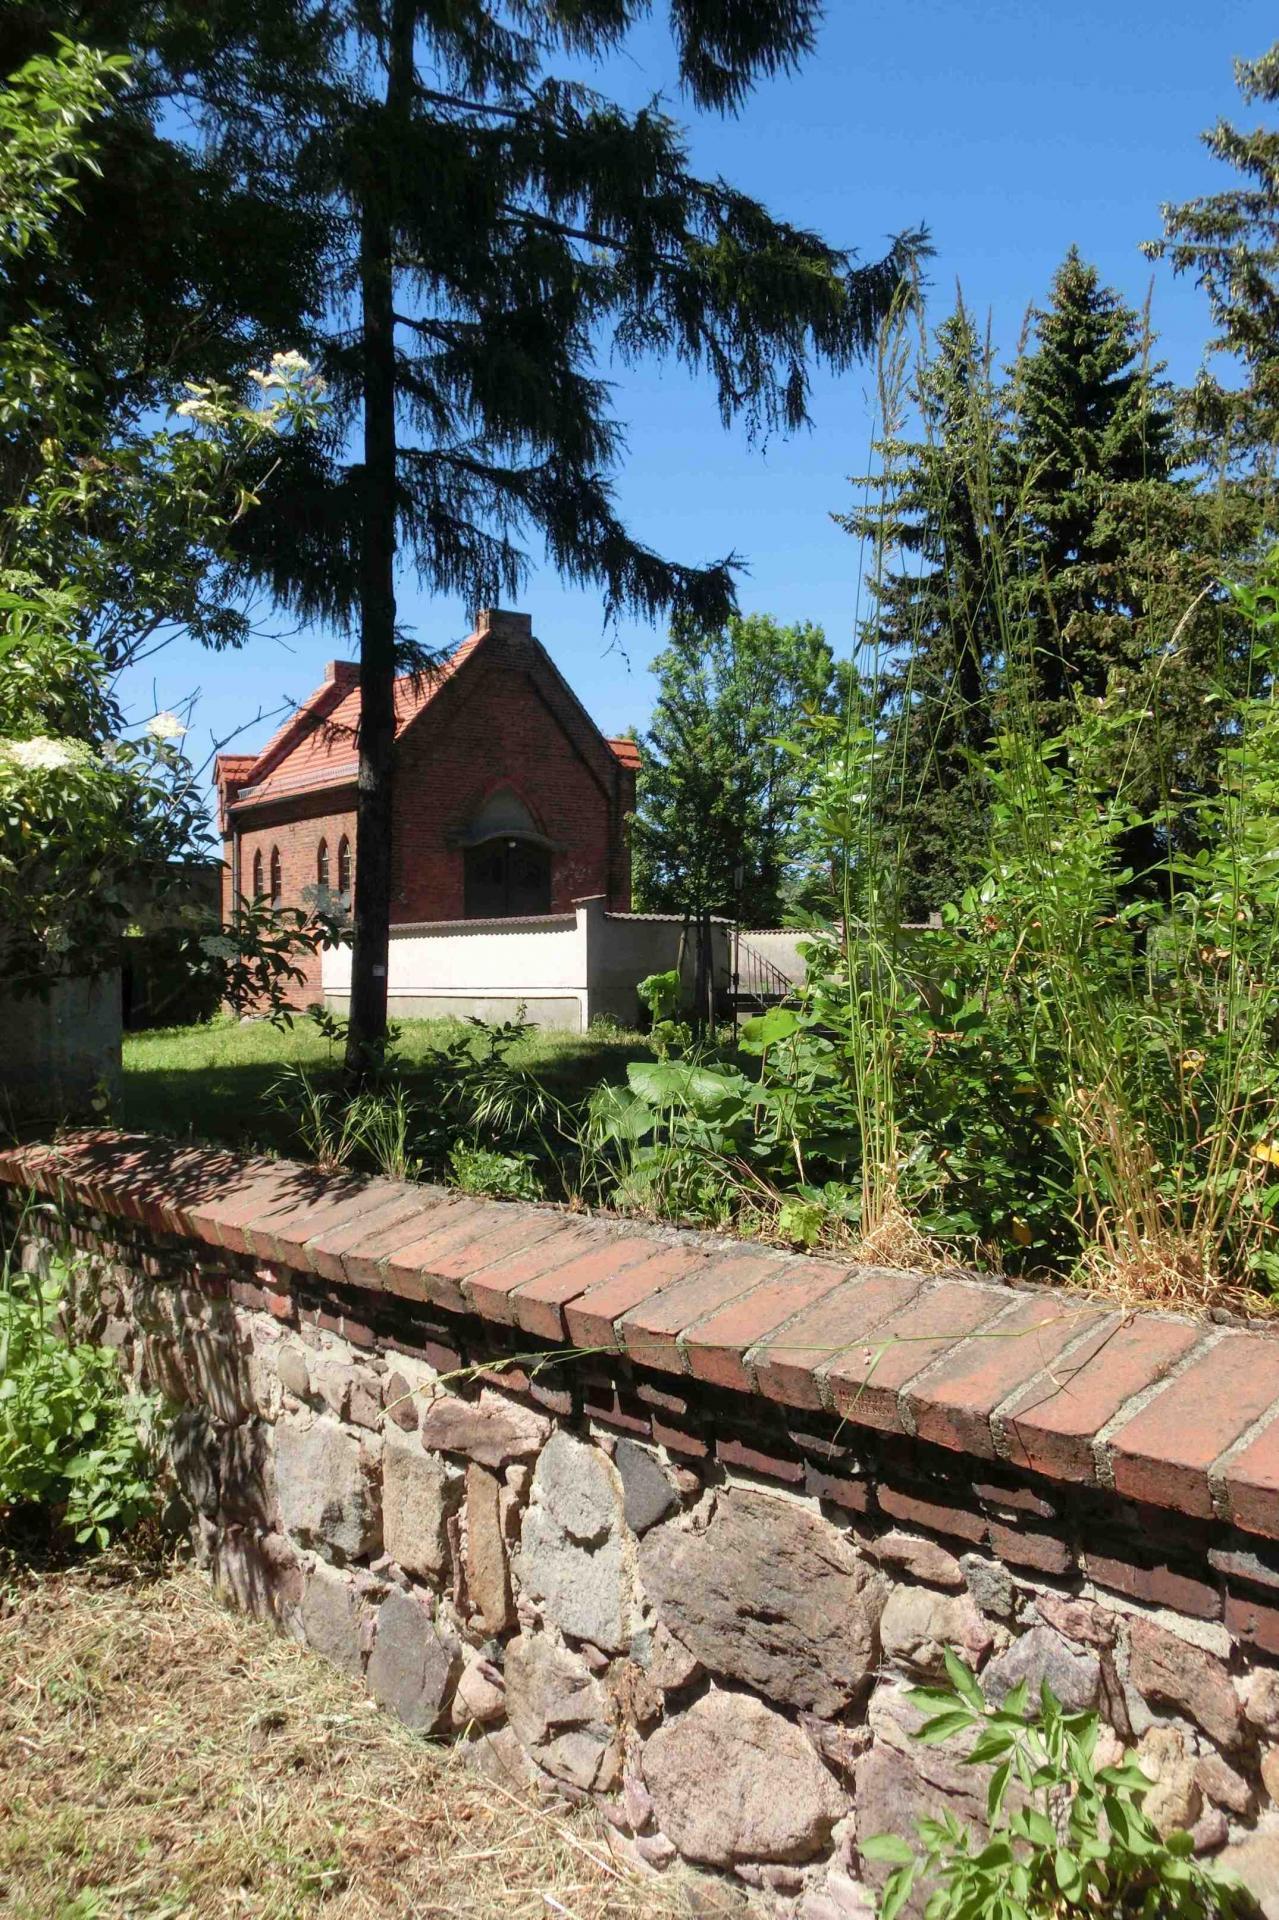 Friedhof in Falkenberg mit dem Grab der Familie Humboldt